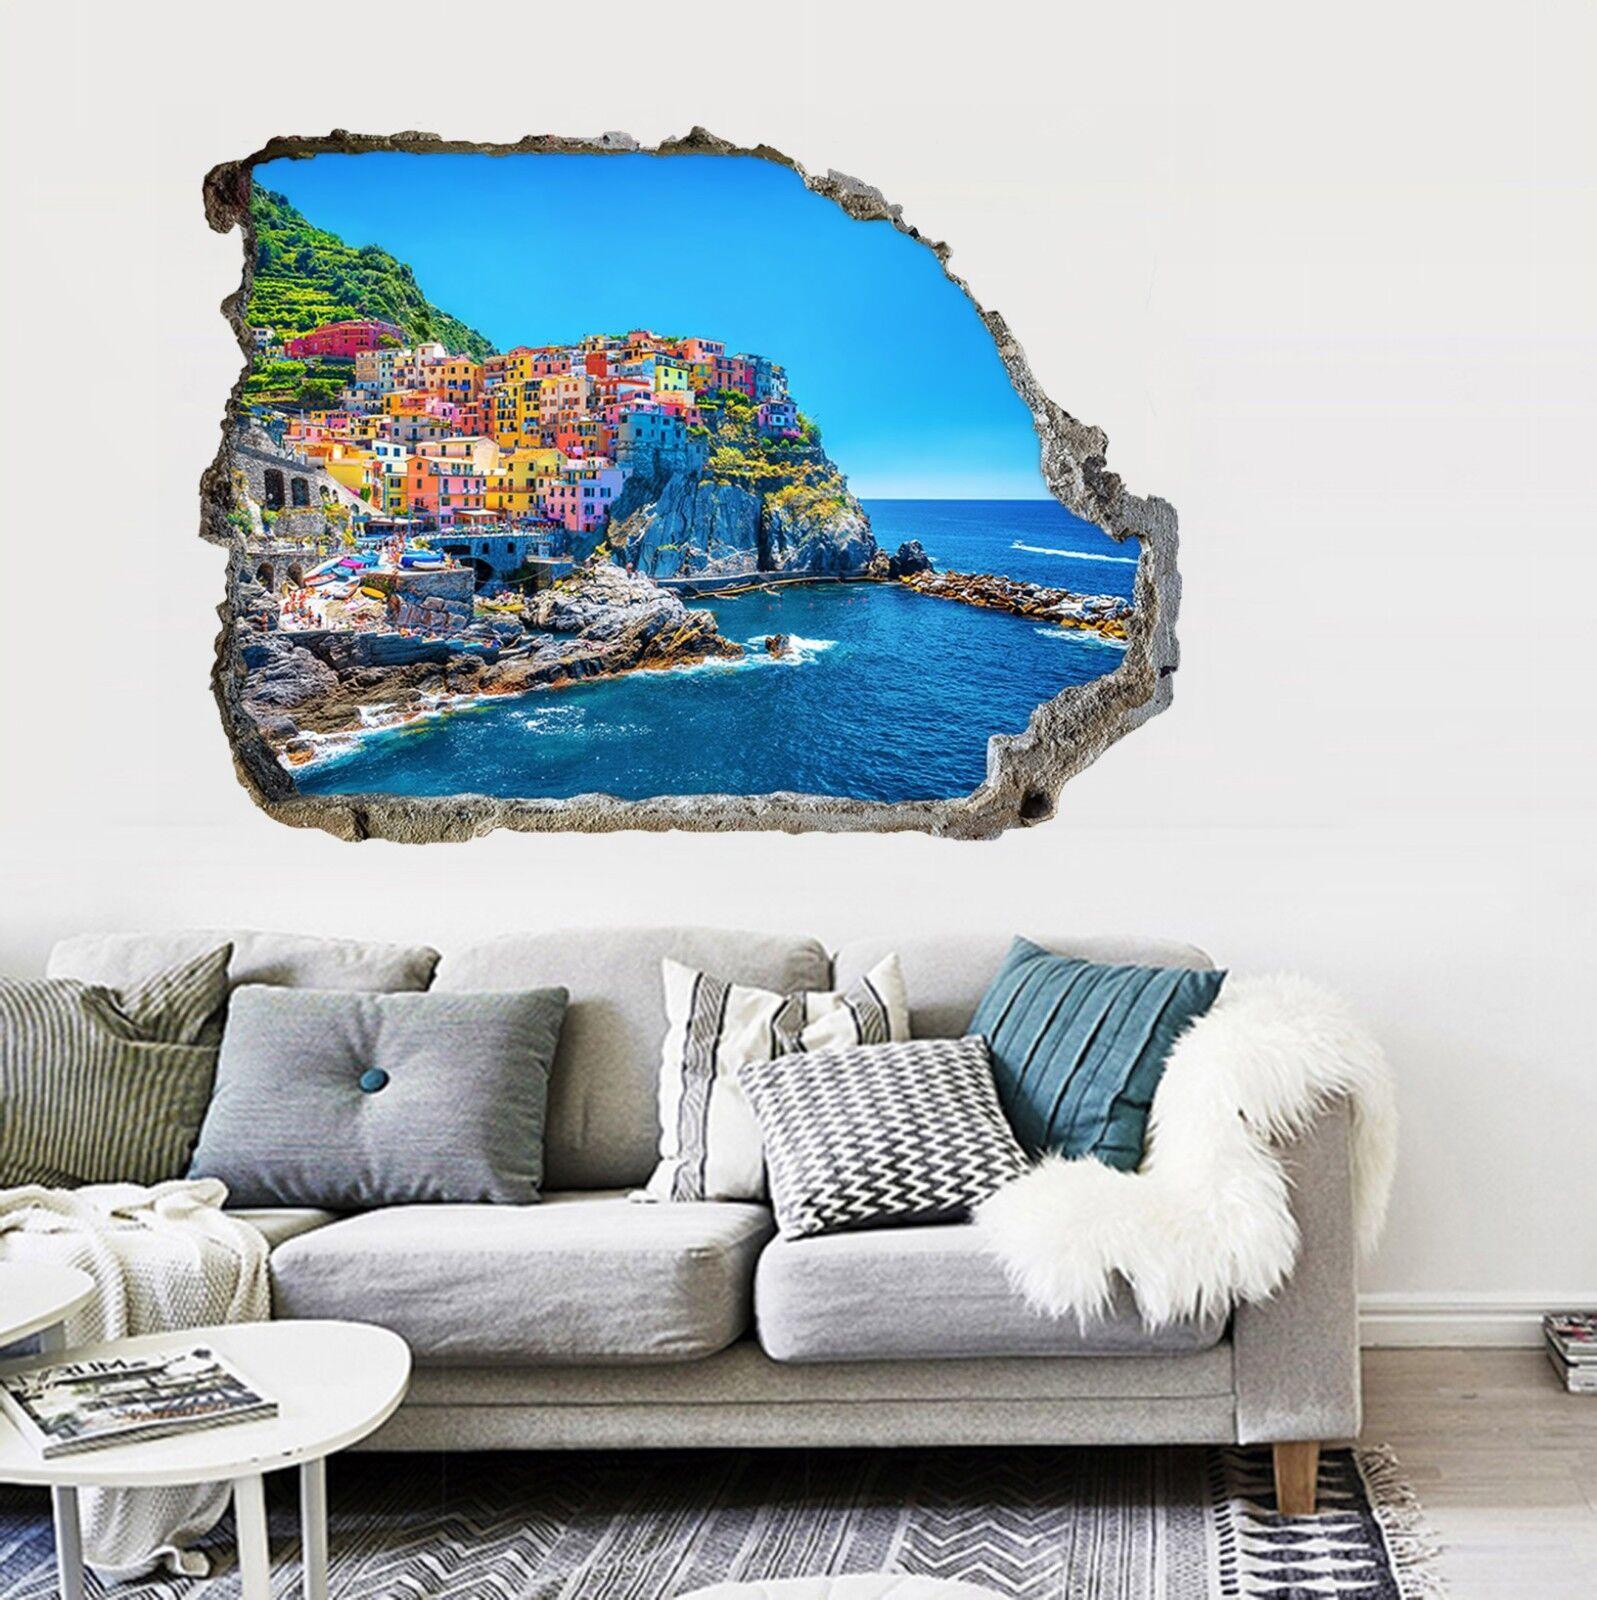 3D Stadt am Meer 26 Mauer Murals Mauer Aufklebe Decal Durchbruch AJ WALLPAPER DE